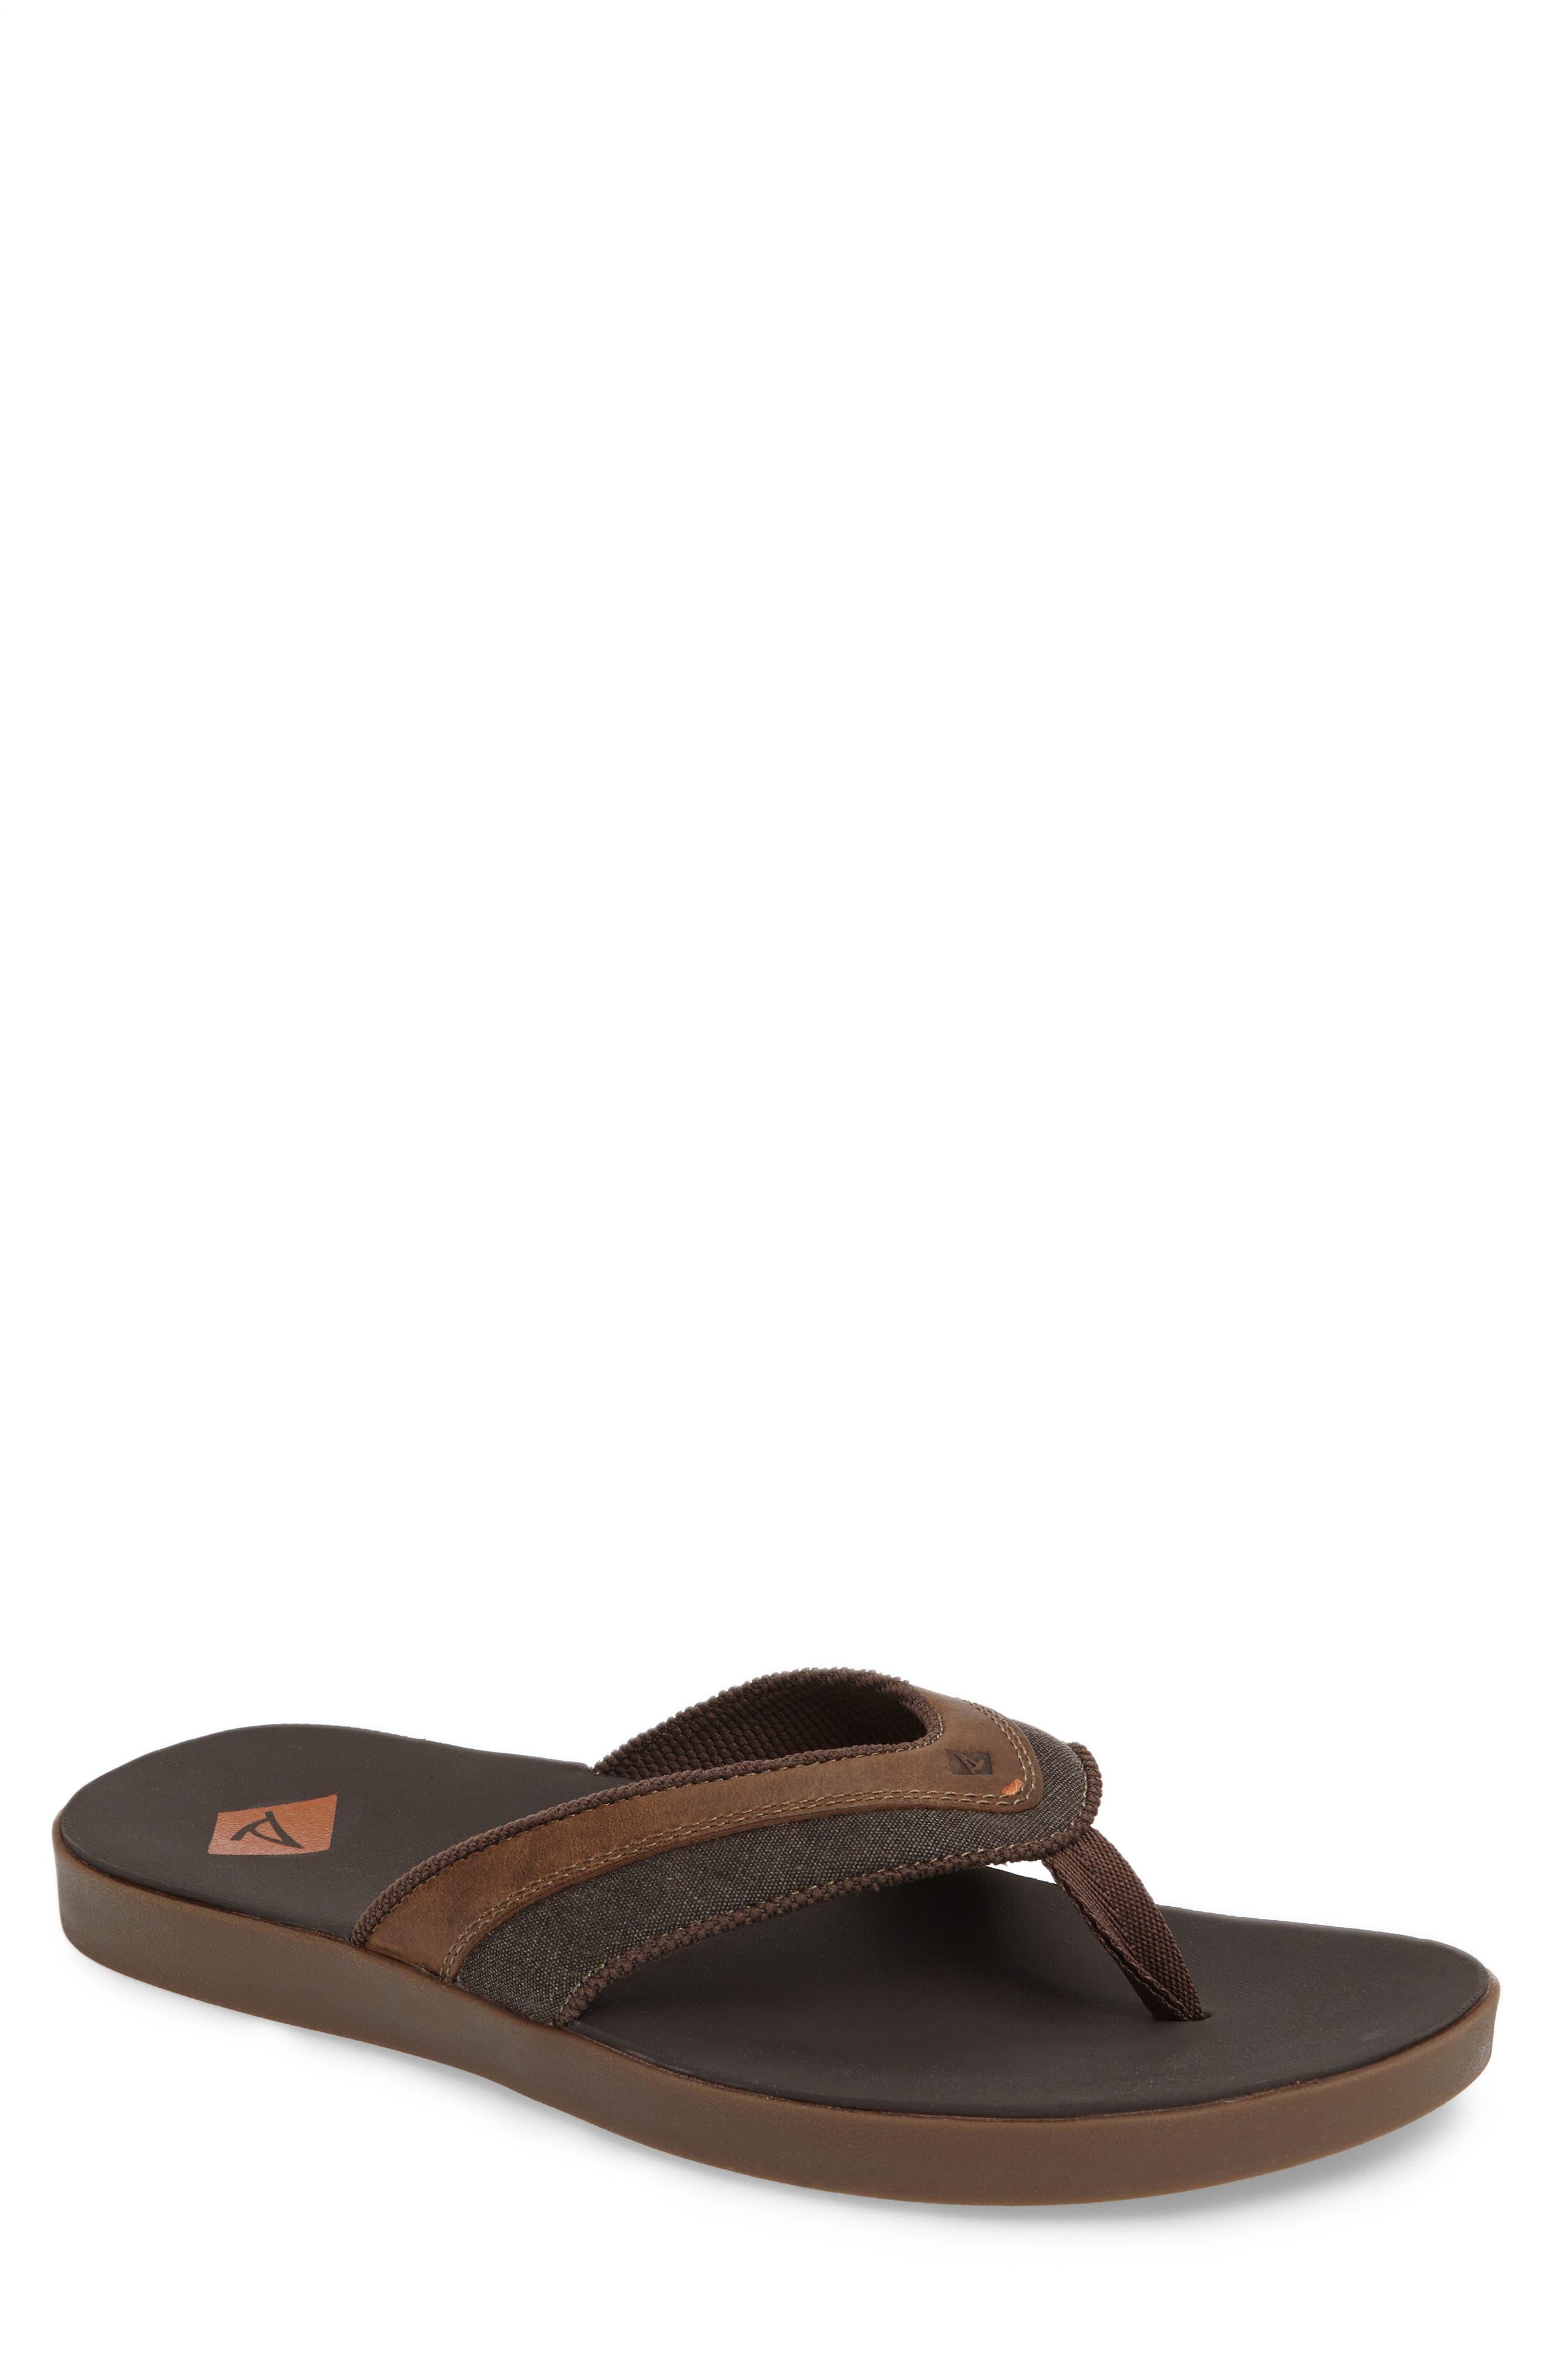 Sperry Wahoo Flip Flop (Men) (Regular Retail Price: $44.95)